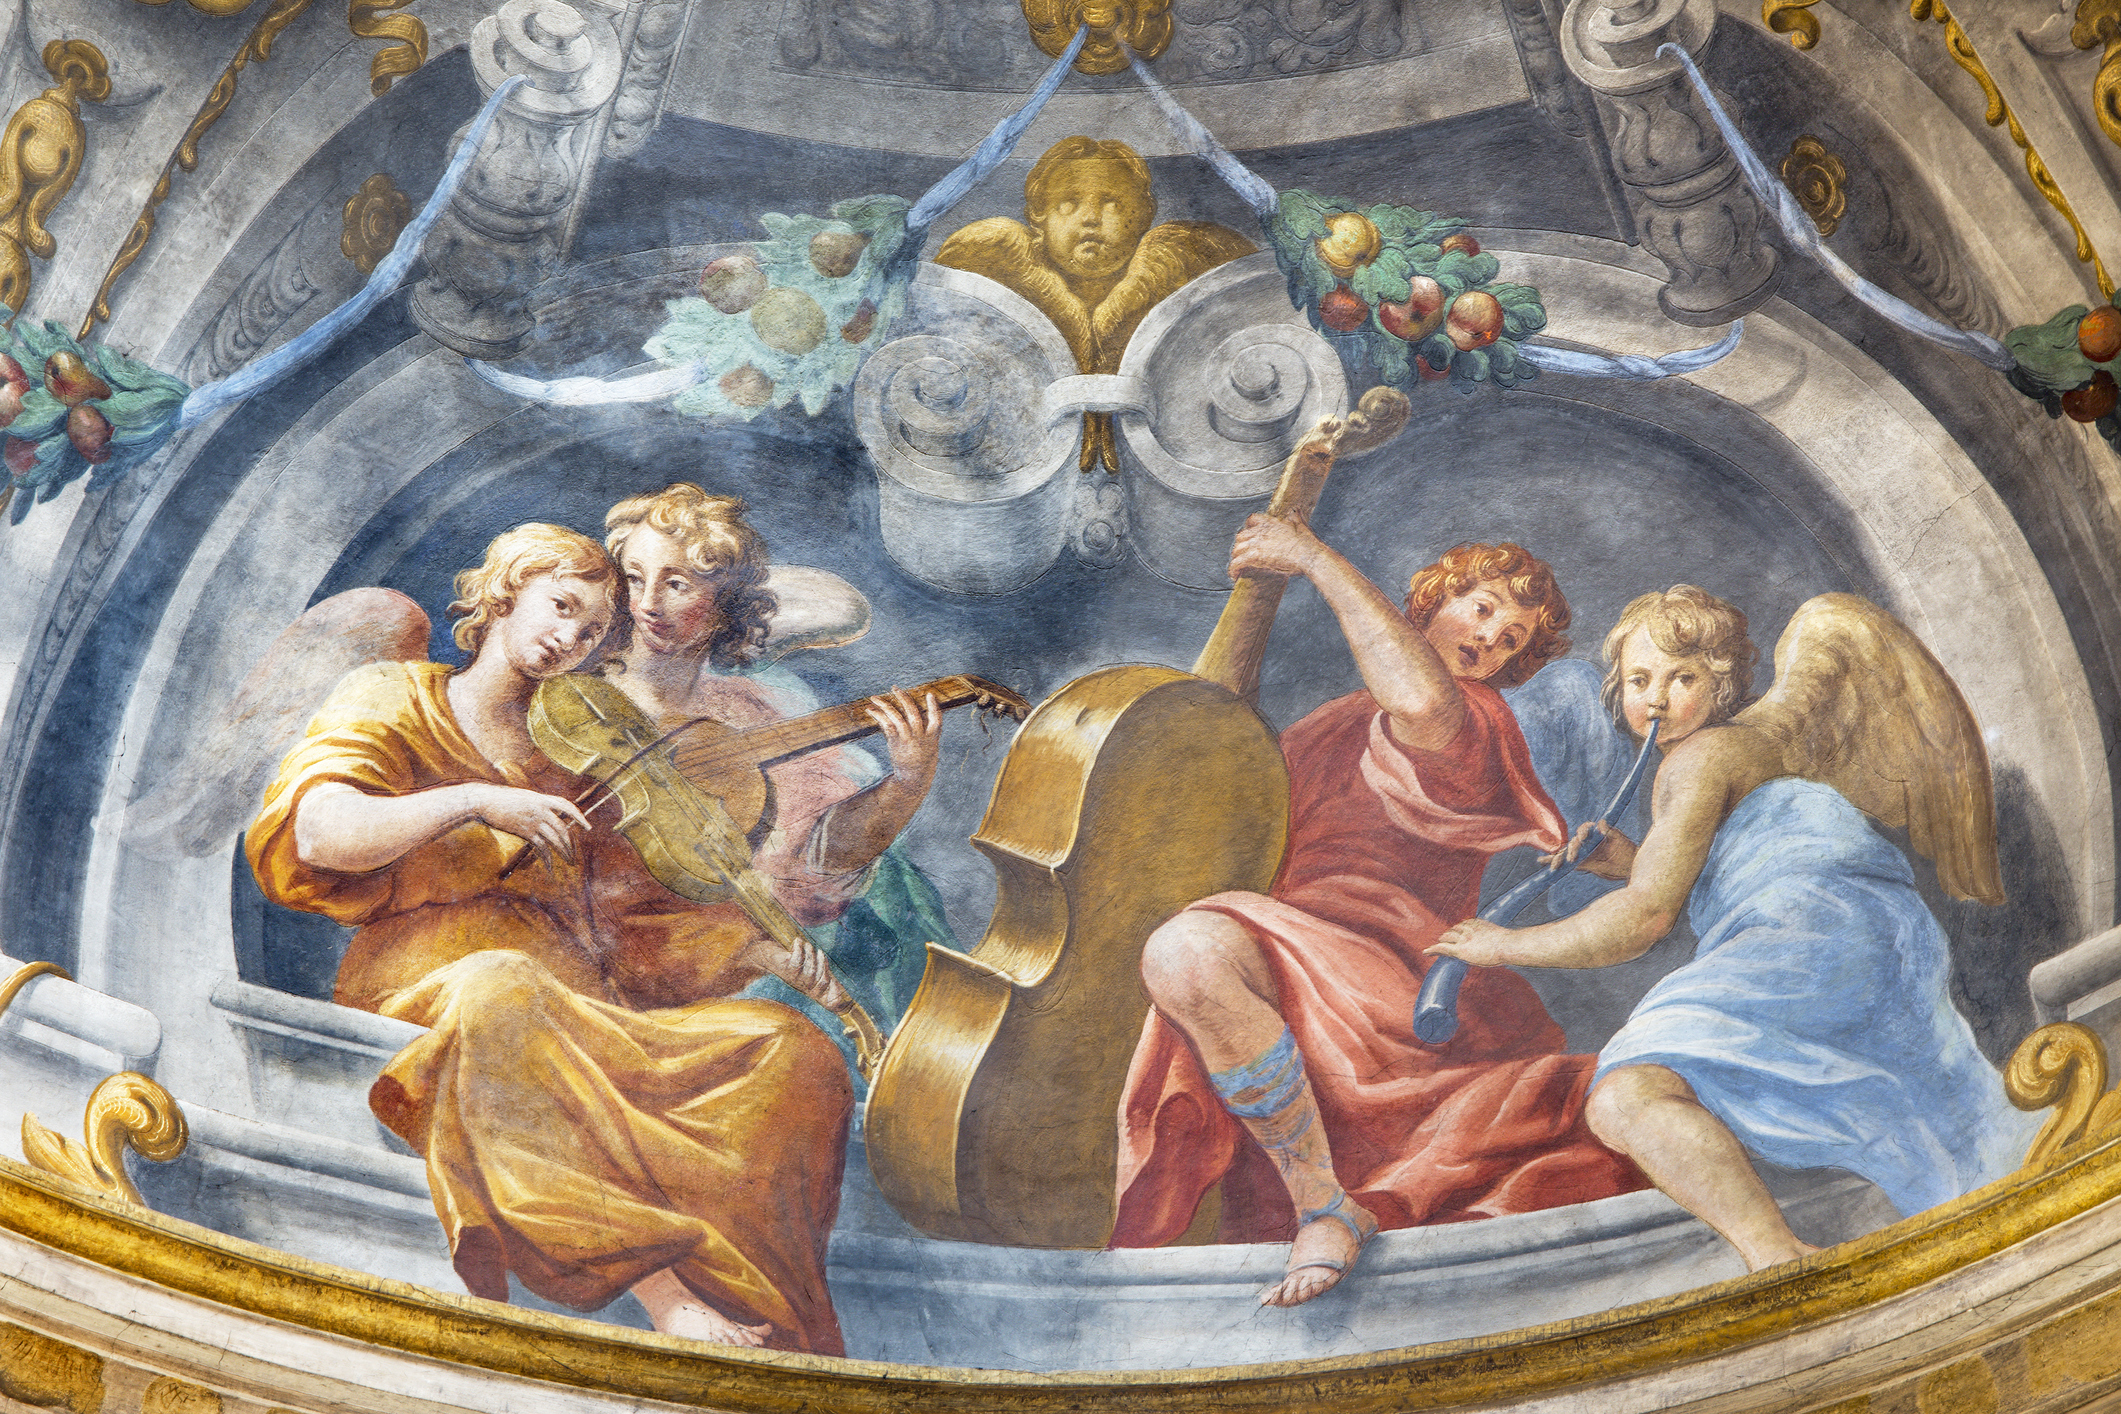 Klassik des Tages: Der berühmteste Komponist und Kapellmeister der Renaissance